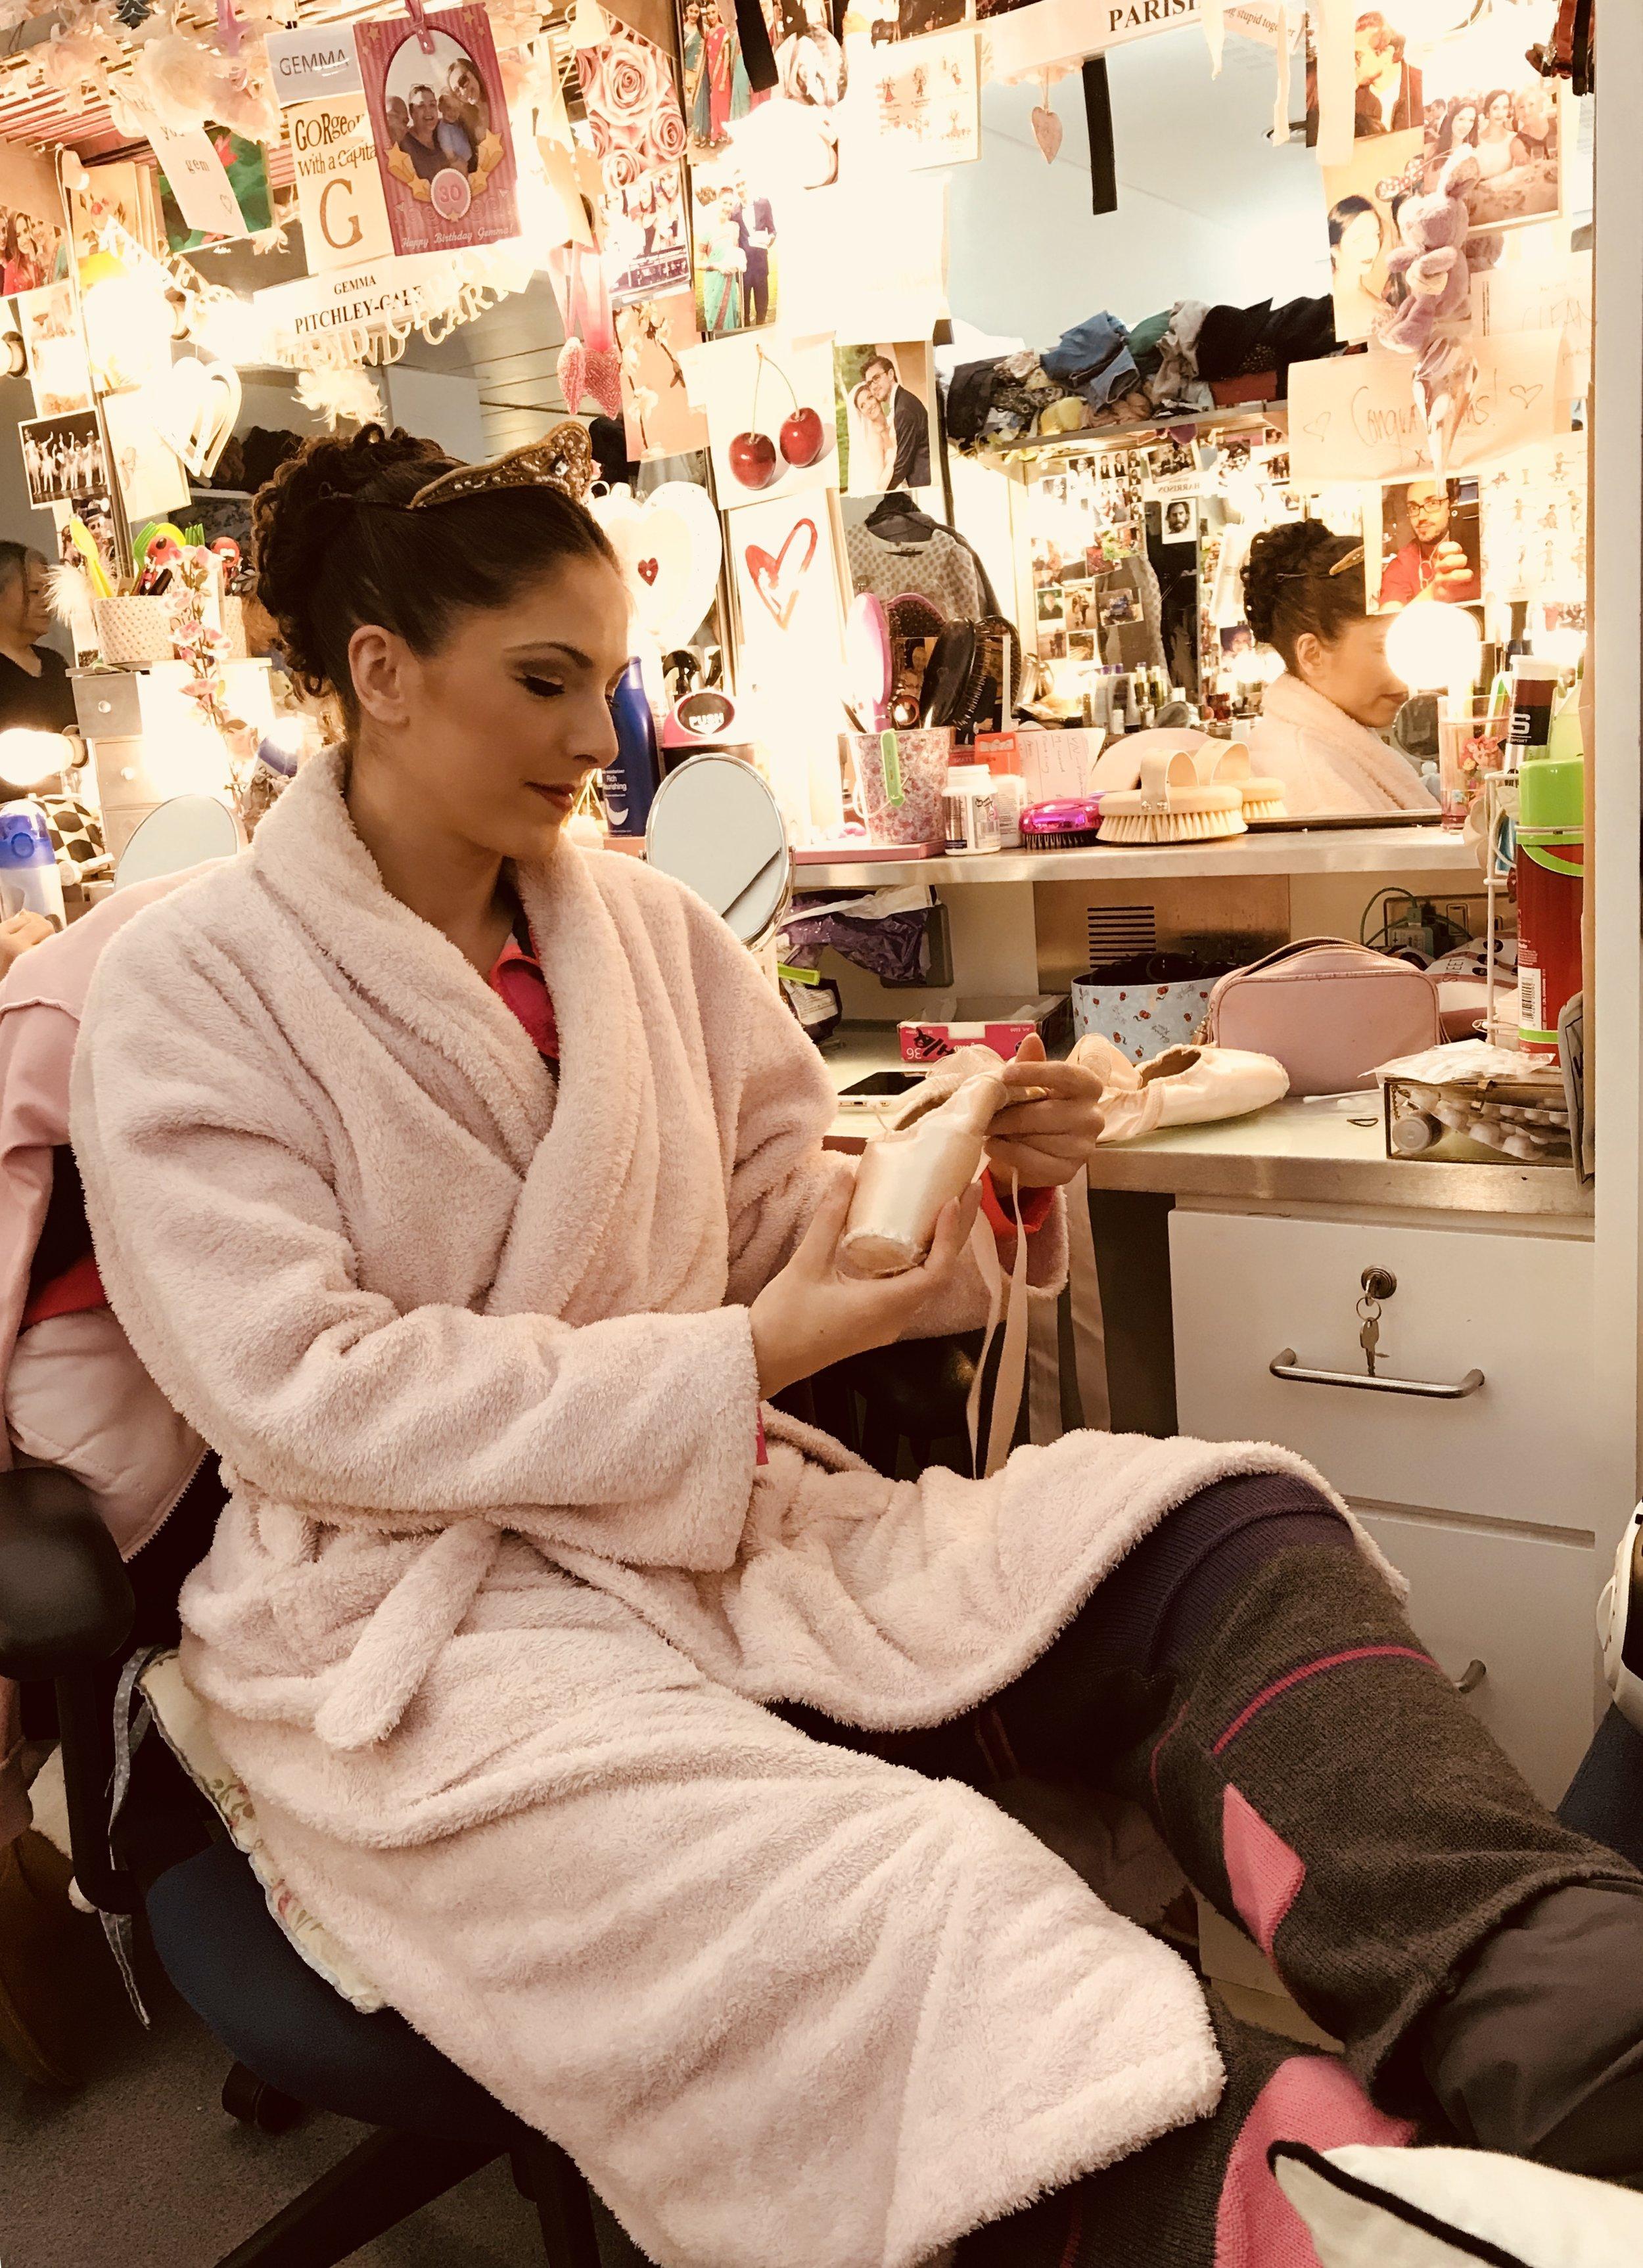 Melzie   DRESSING GOWN  www.marksandspencer.com